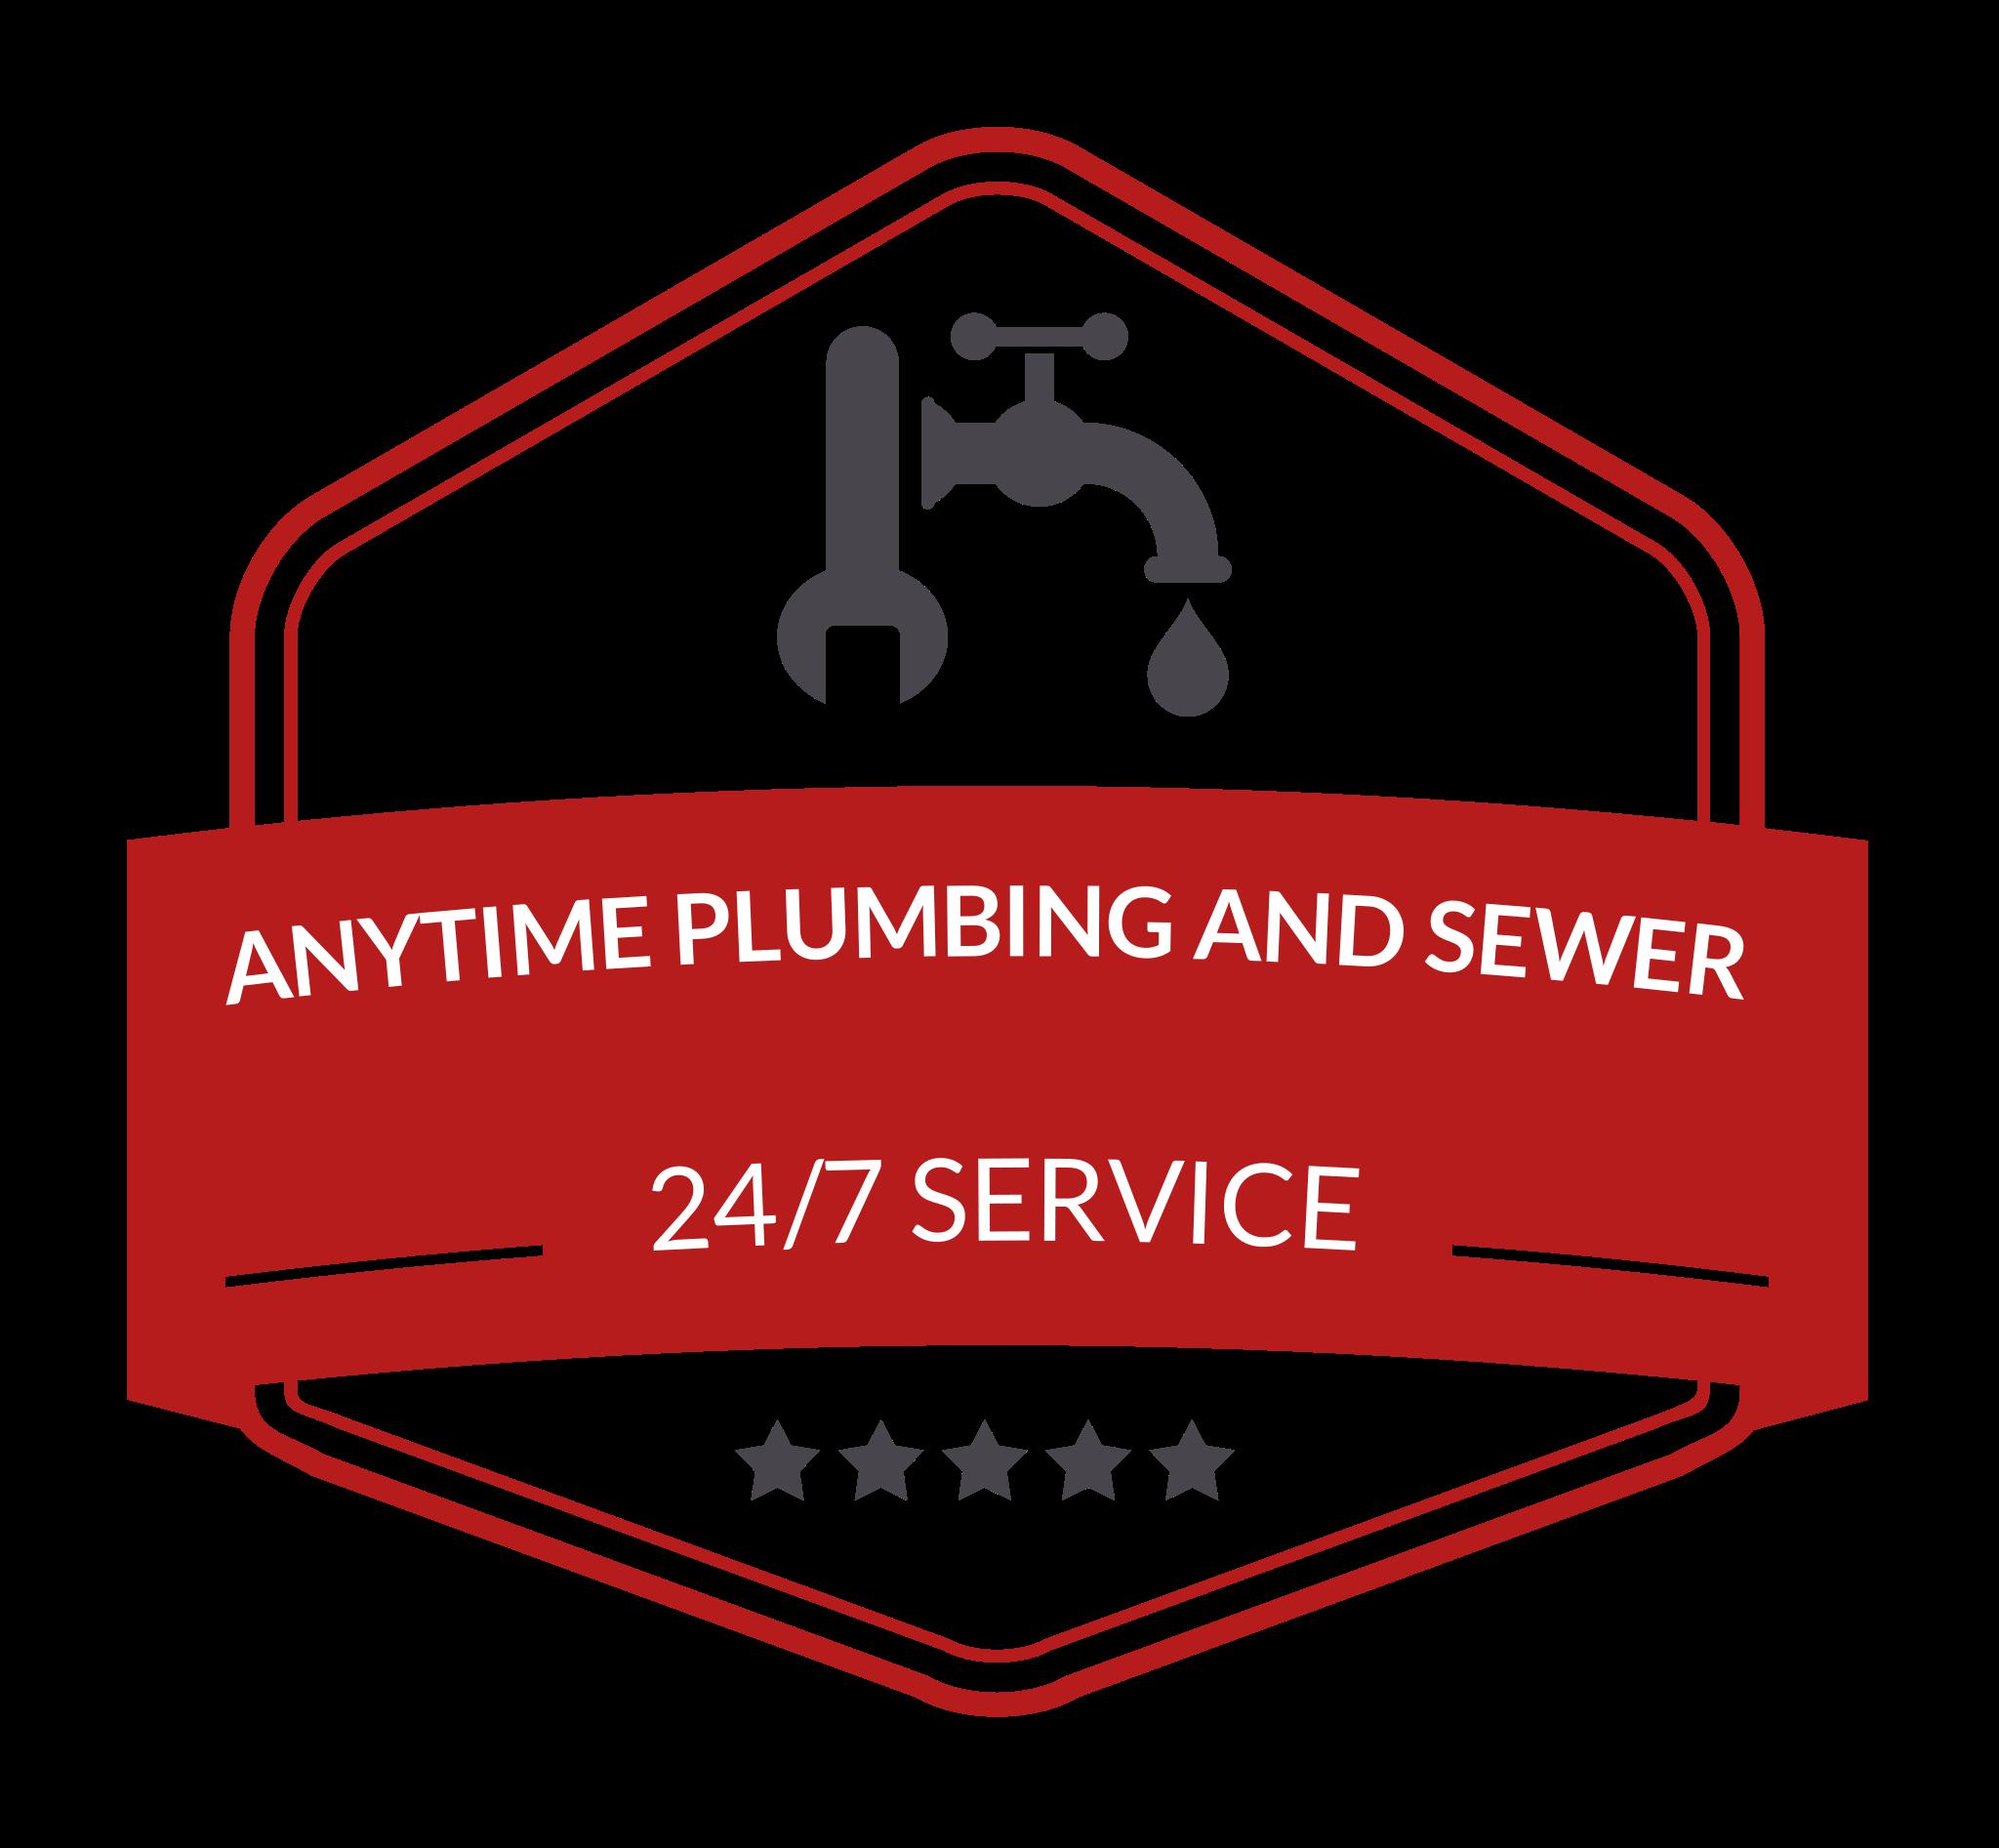 Anytime Plumbing & Sewer LLC logo